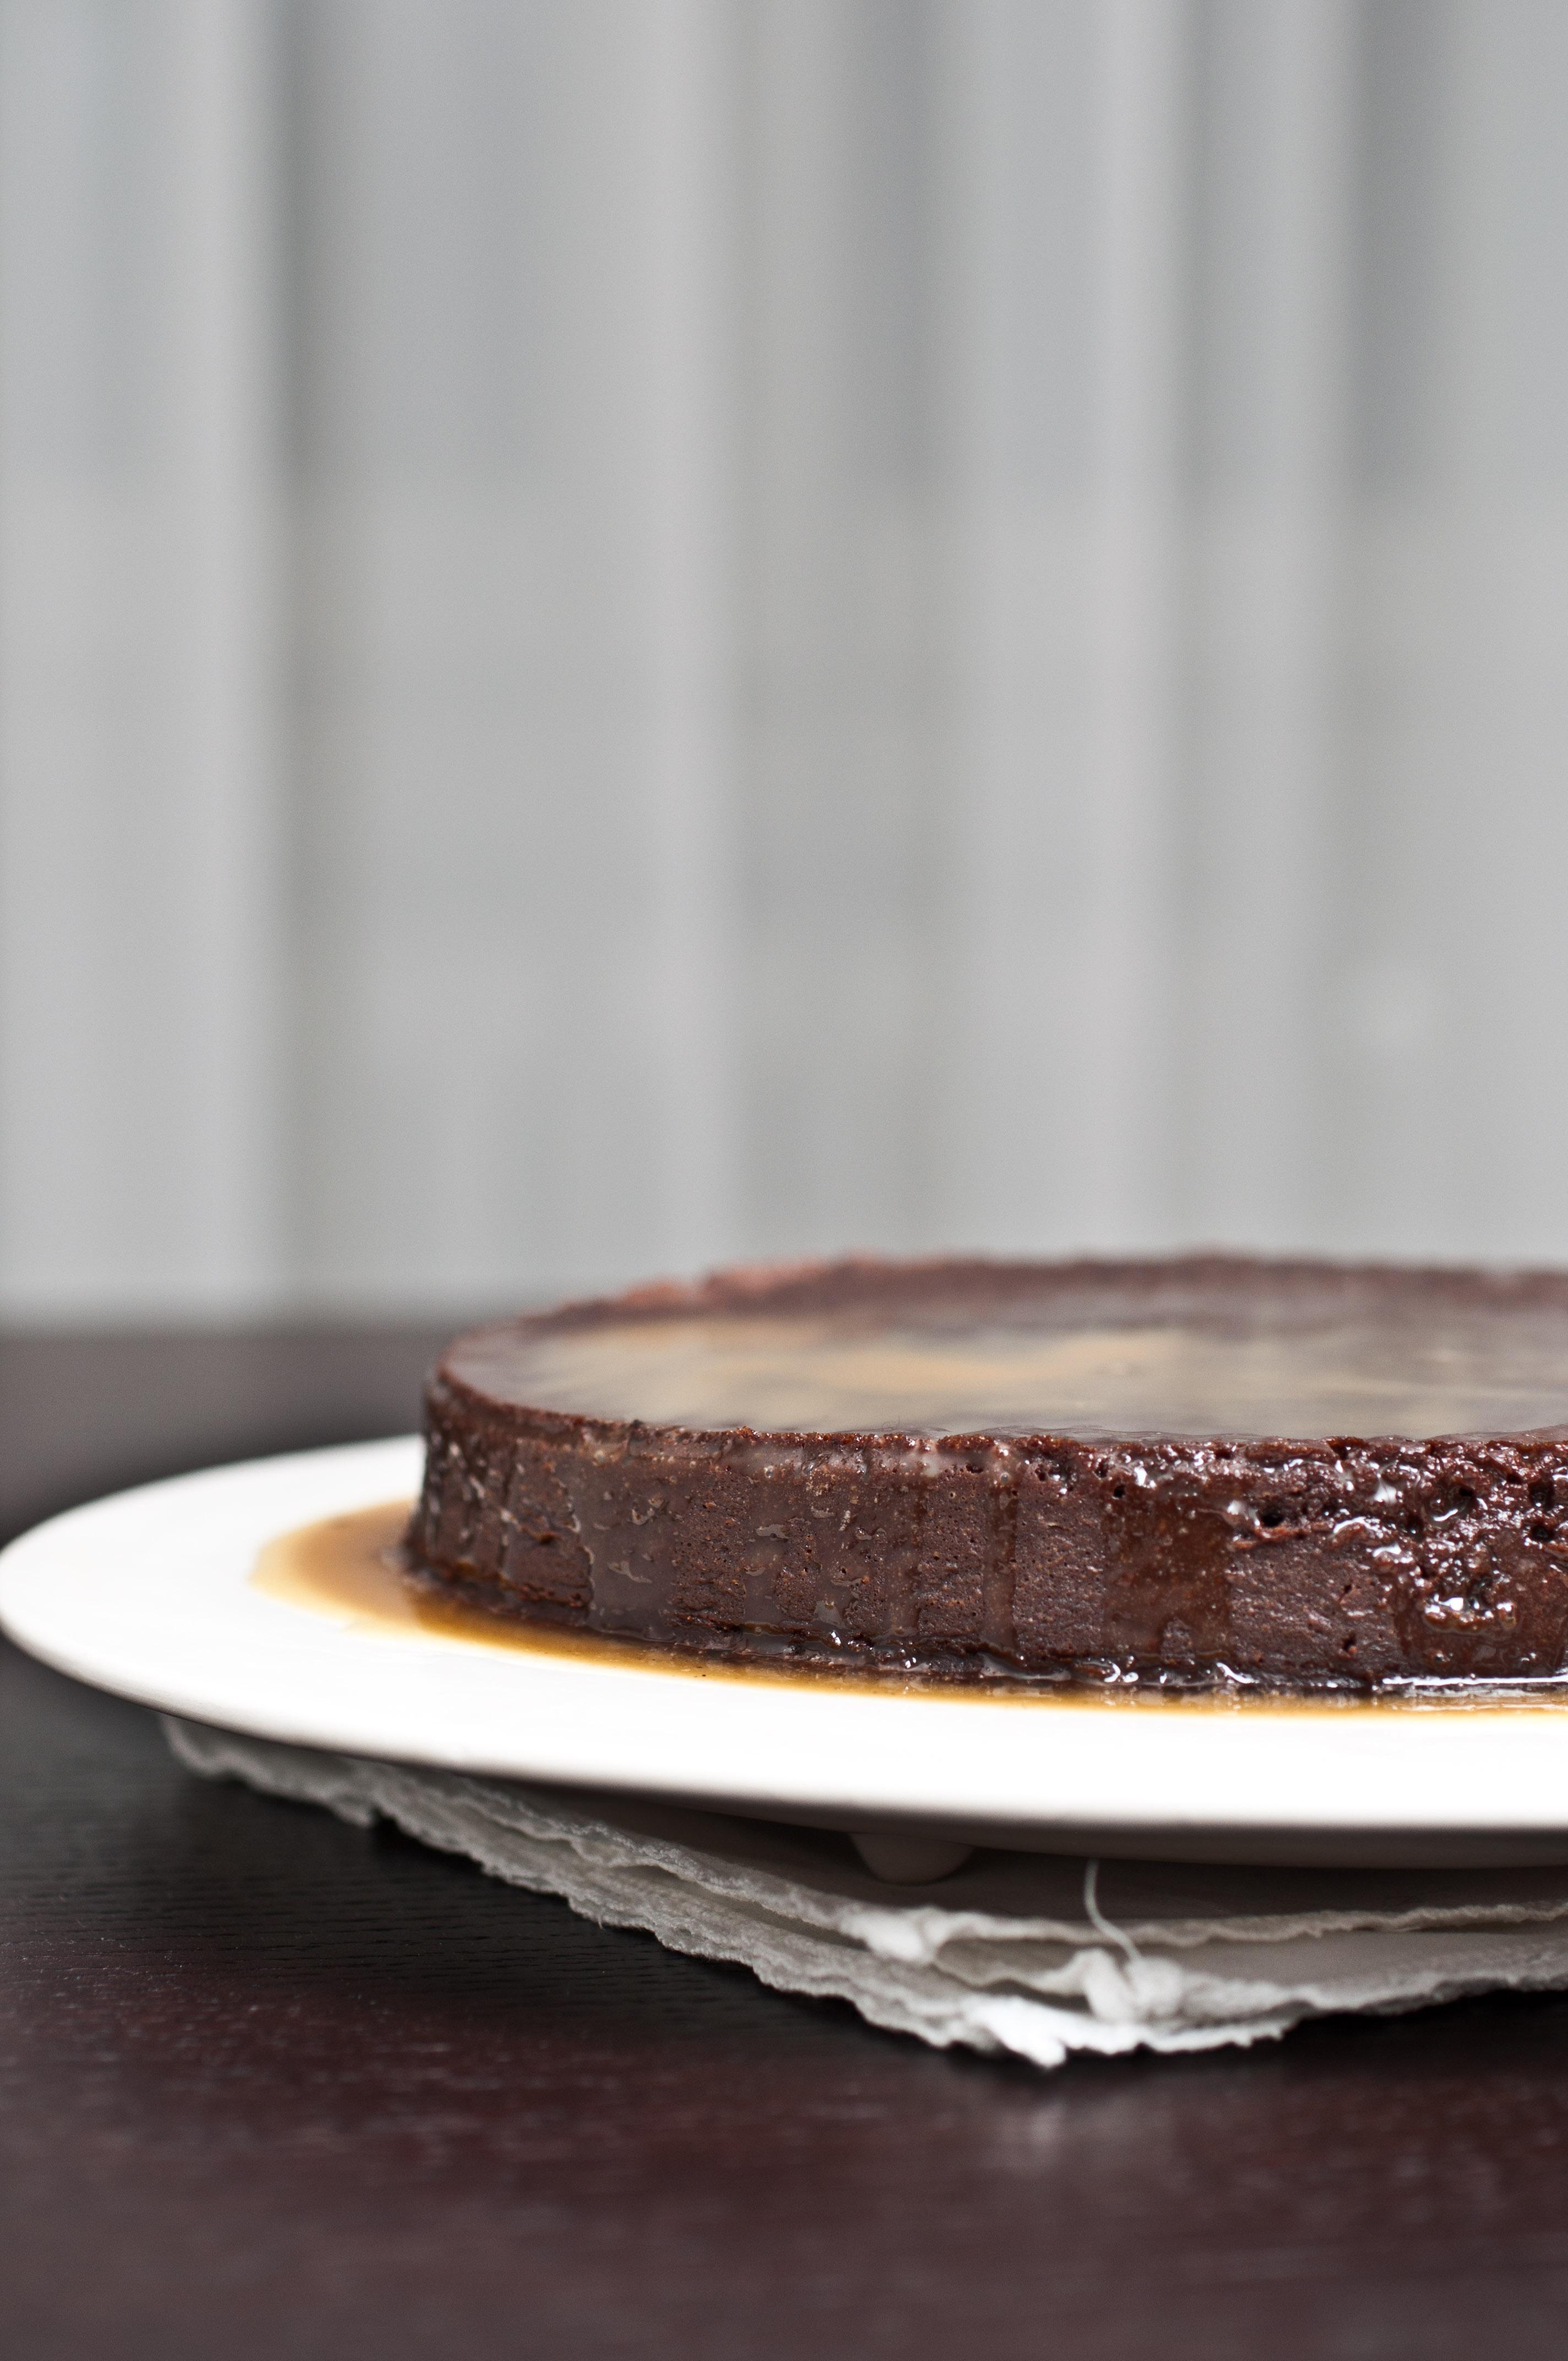 Torta al cioccolato a bagno maria con salsa al caramello - Bagno di cioccolato ...